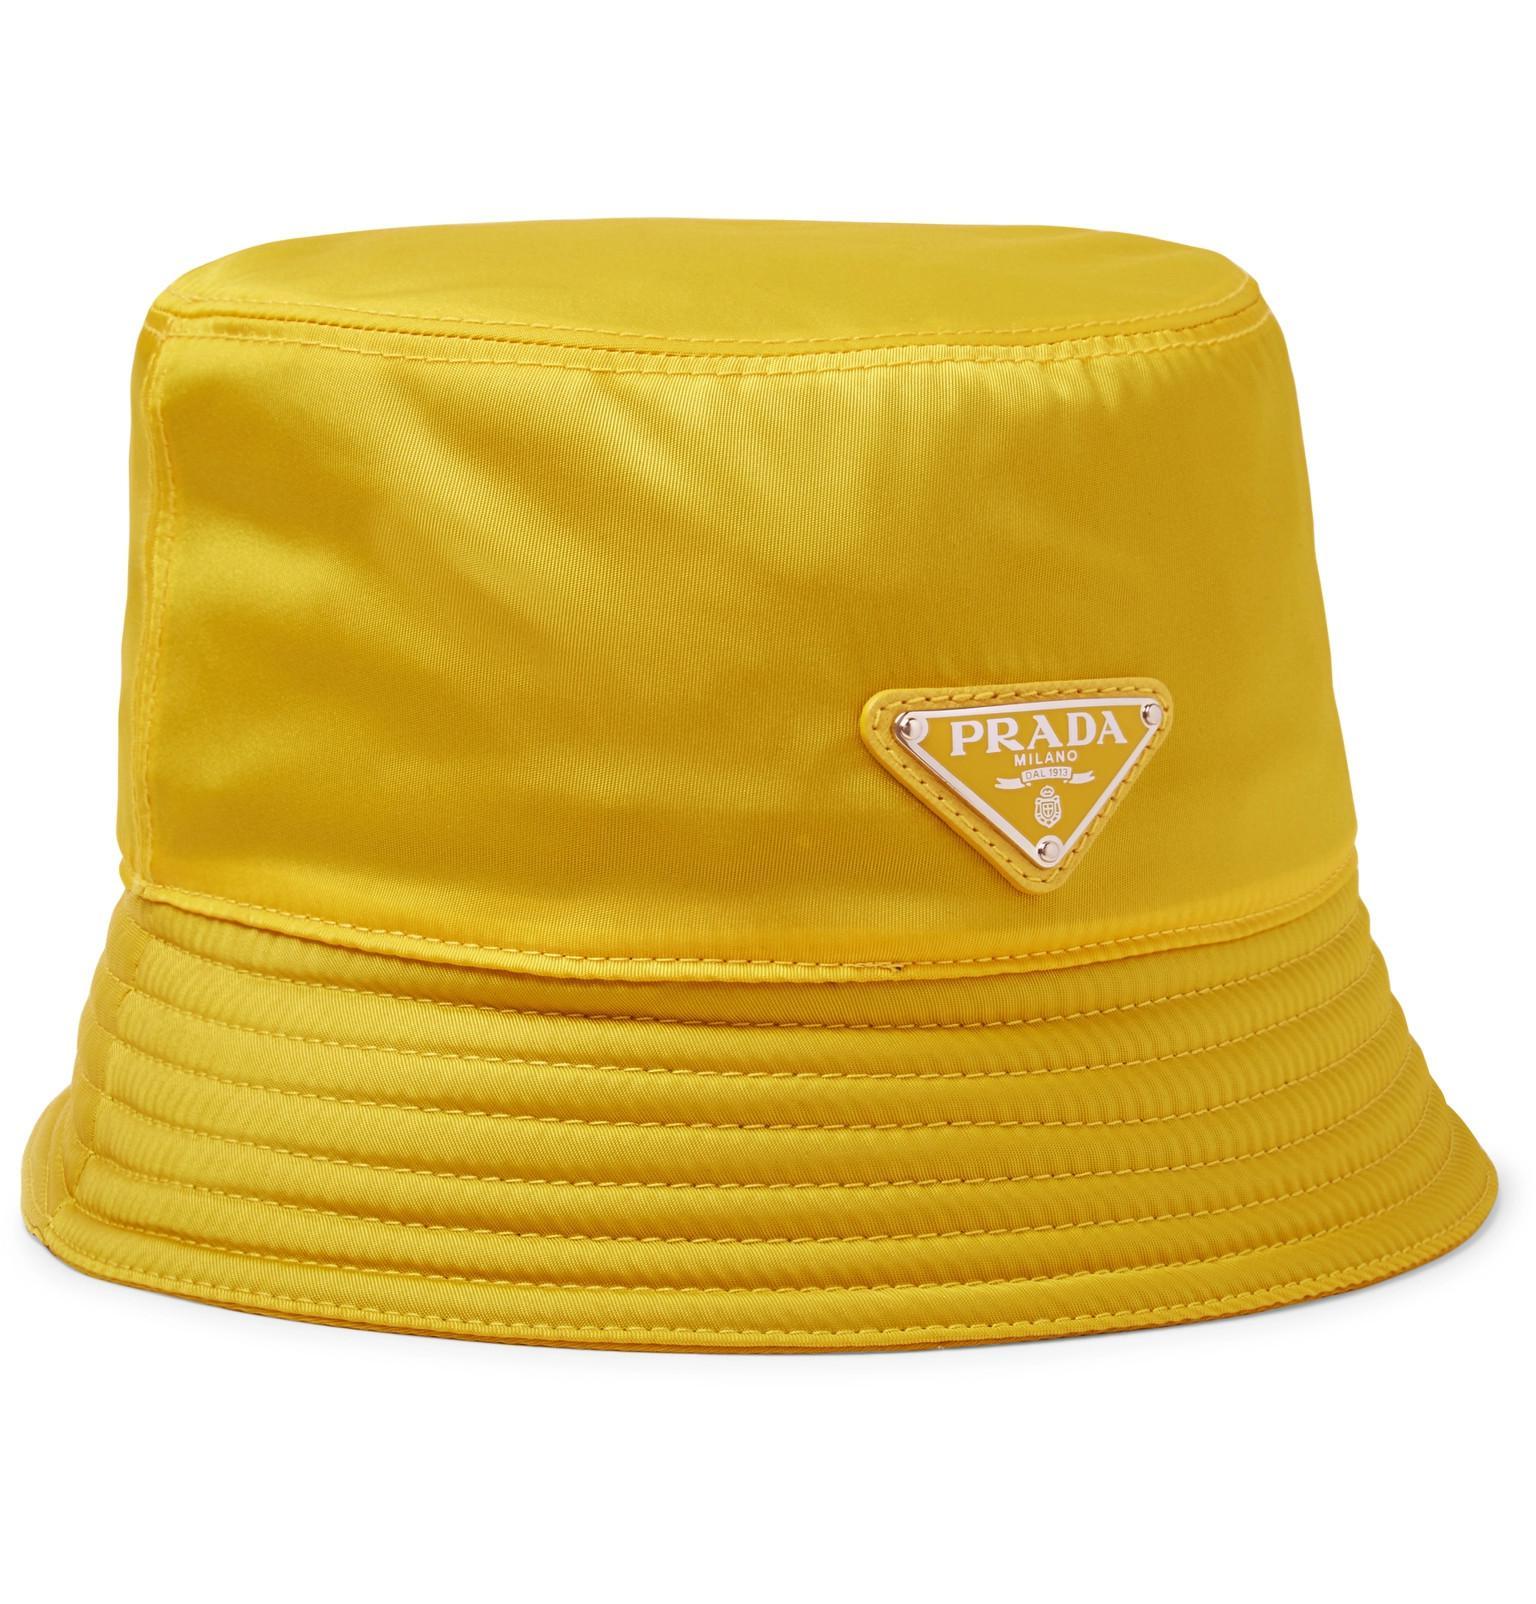 9a37f06a Prada Logo-appliquéd Nylon Bucket Hat in Yellow for Men - Lyst